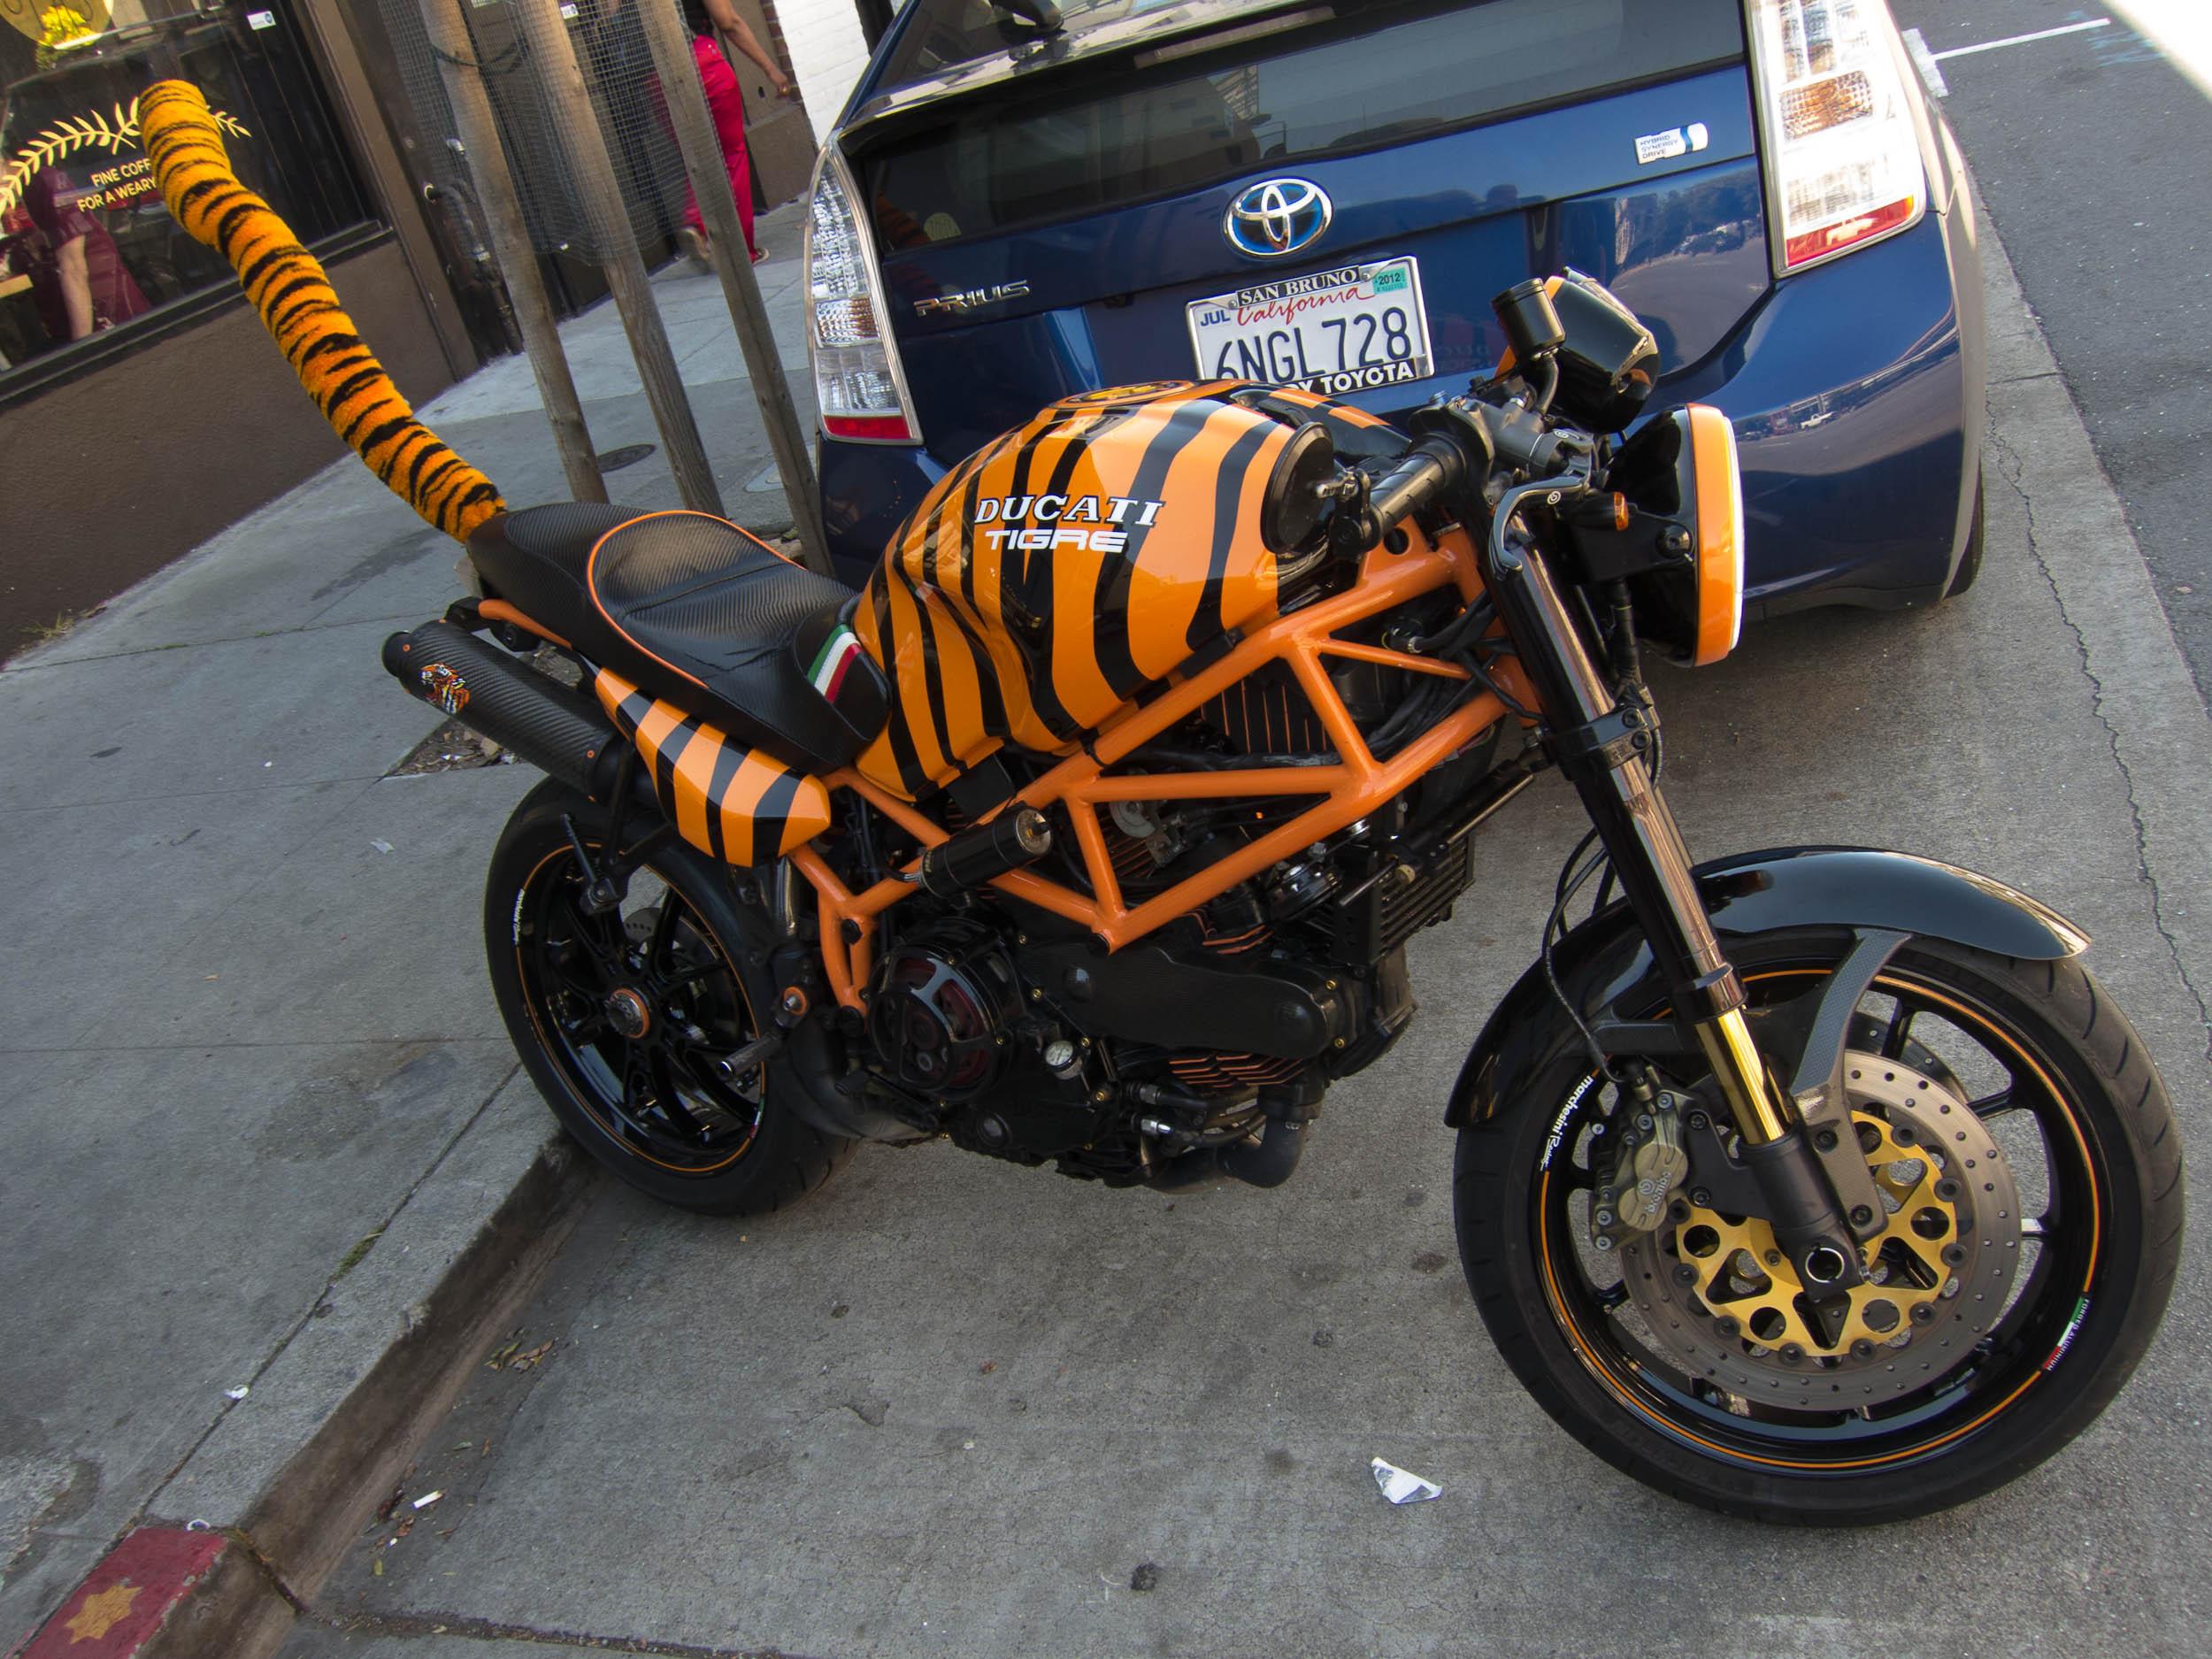 Ducati Tigre